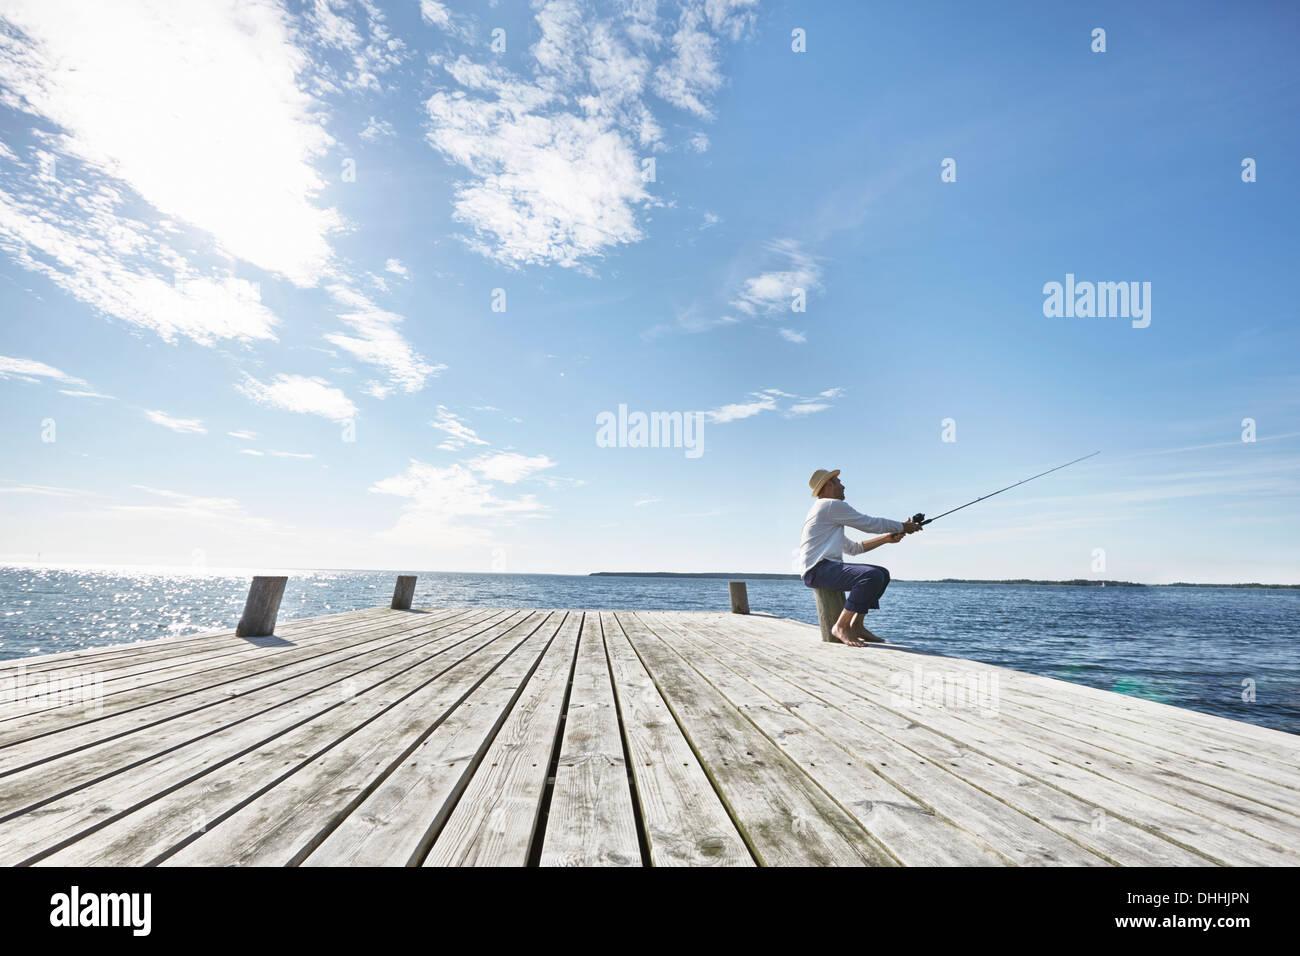 Metà uomo adulto la pesca al largo molo, Utvalnas, Svezia Immagini Stock